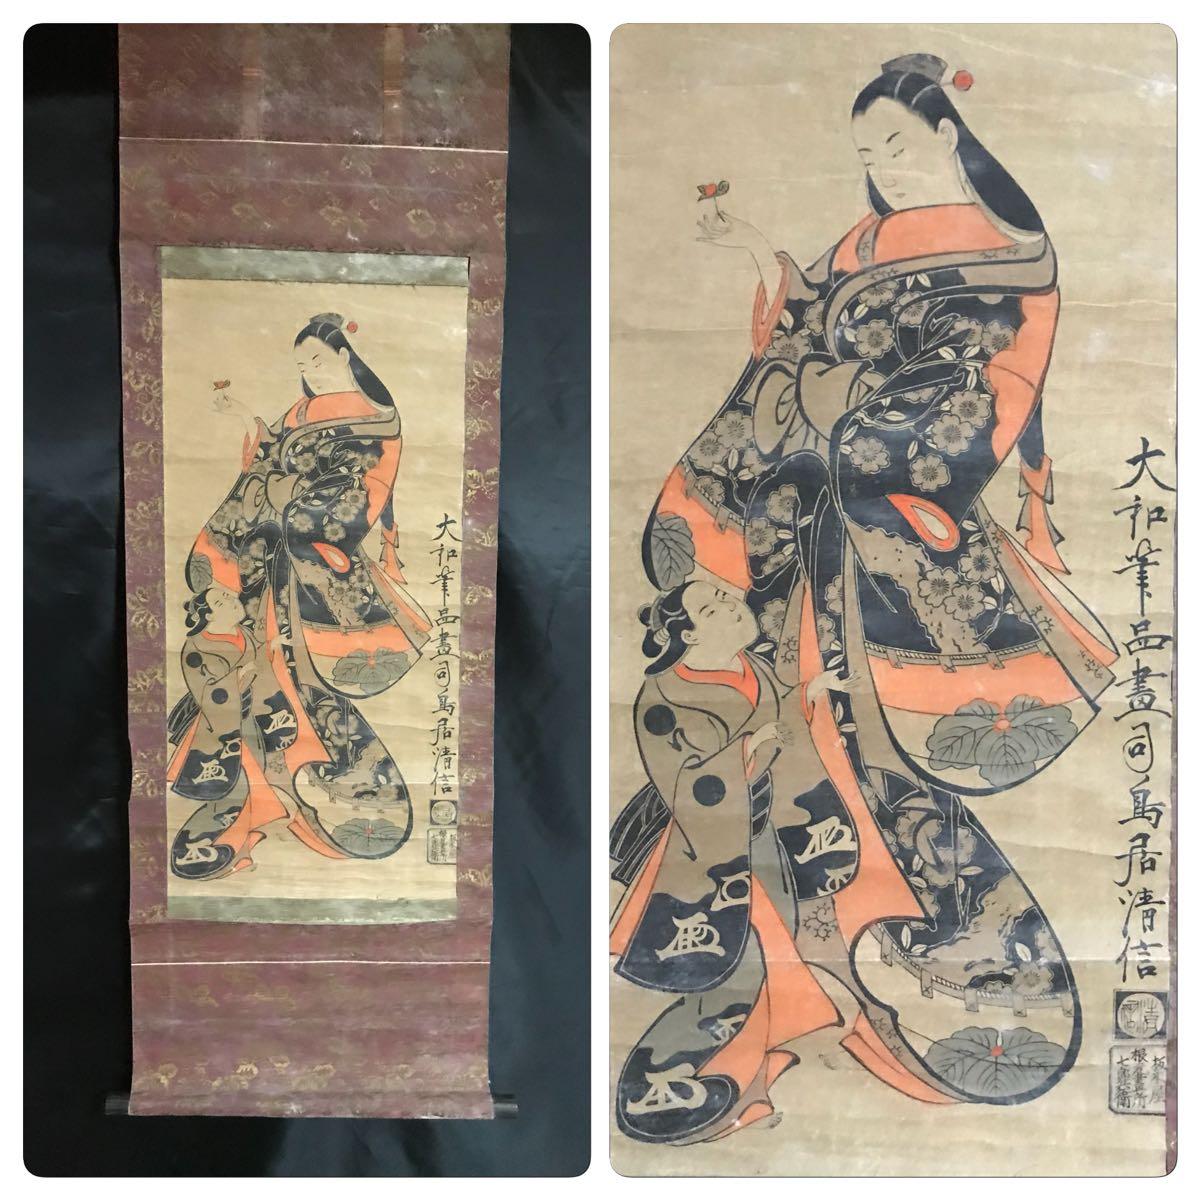 大和筆品画司 鳥居清信 美人立姿図 紙本 木版着色 丹絵 大津絵 浮世絵